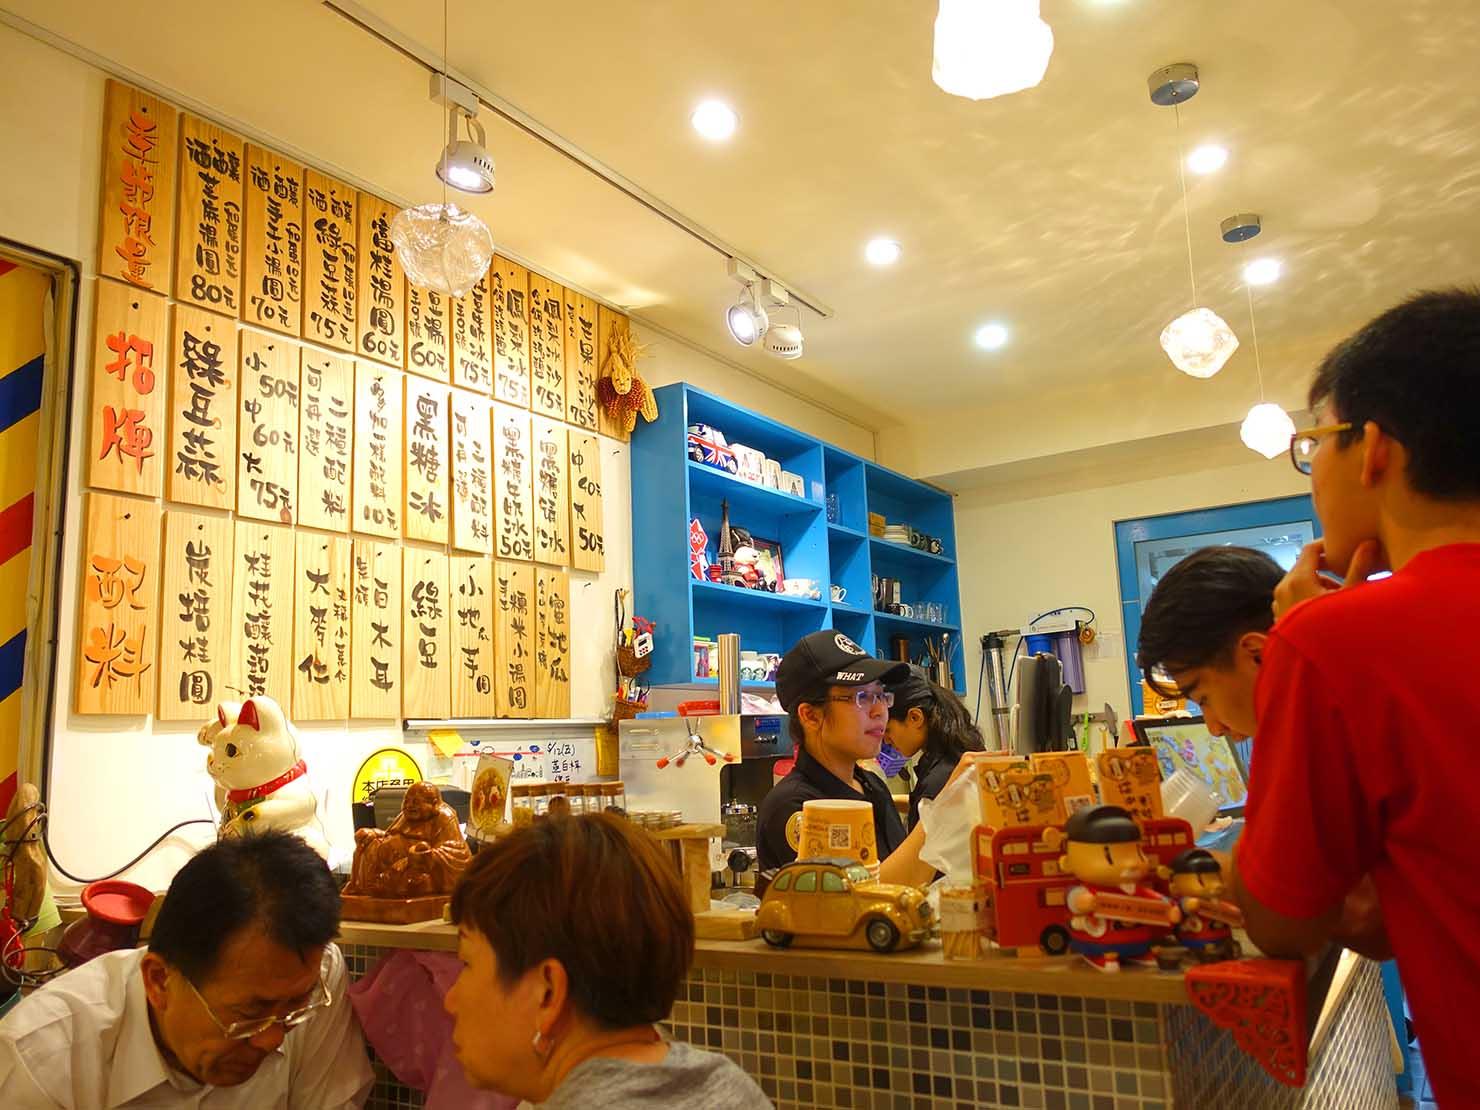 台北・松江南京駅(四平街商圈)周辺のおすすめグルメ店「綠豆蒜啥米」のカウンター